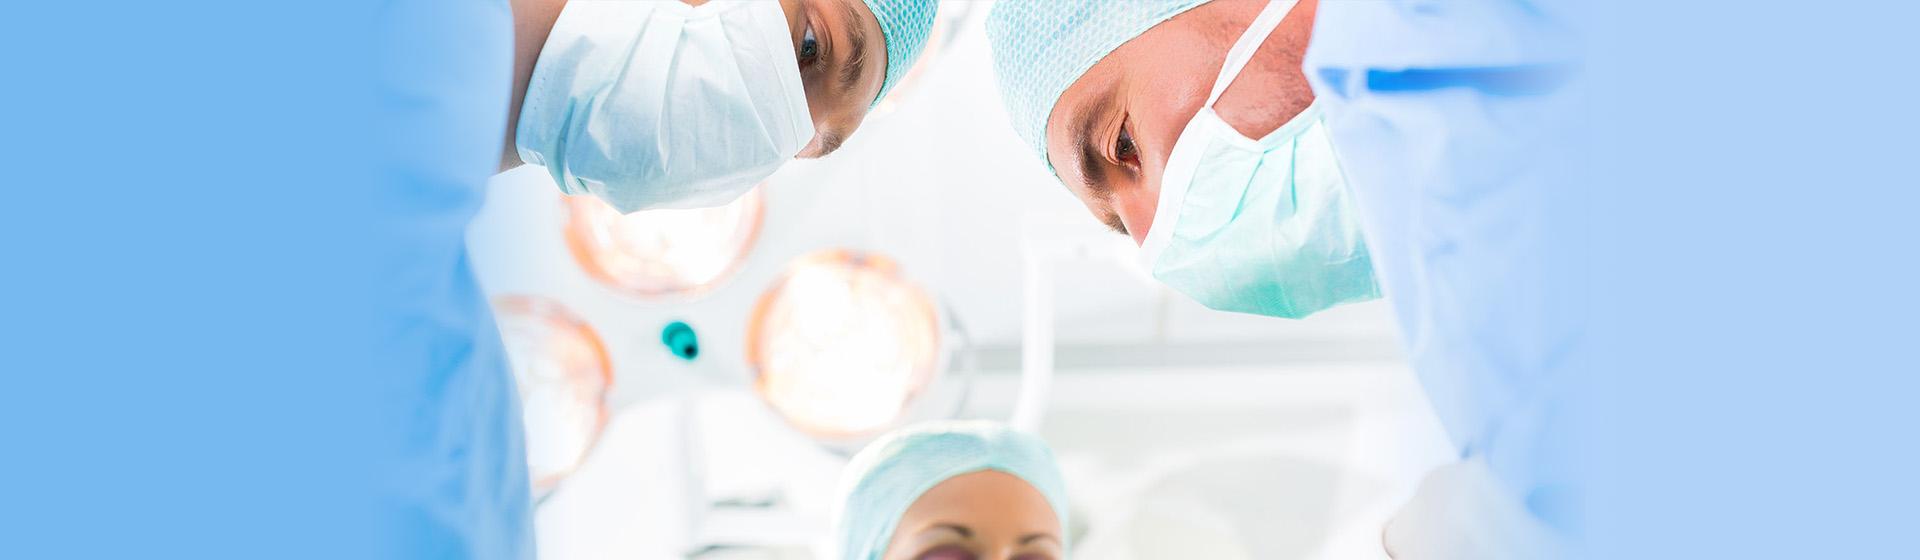 ORAL SURGERY. São Dente Clinic.